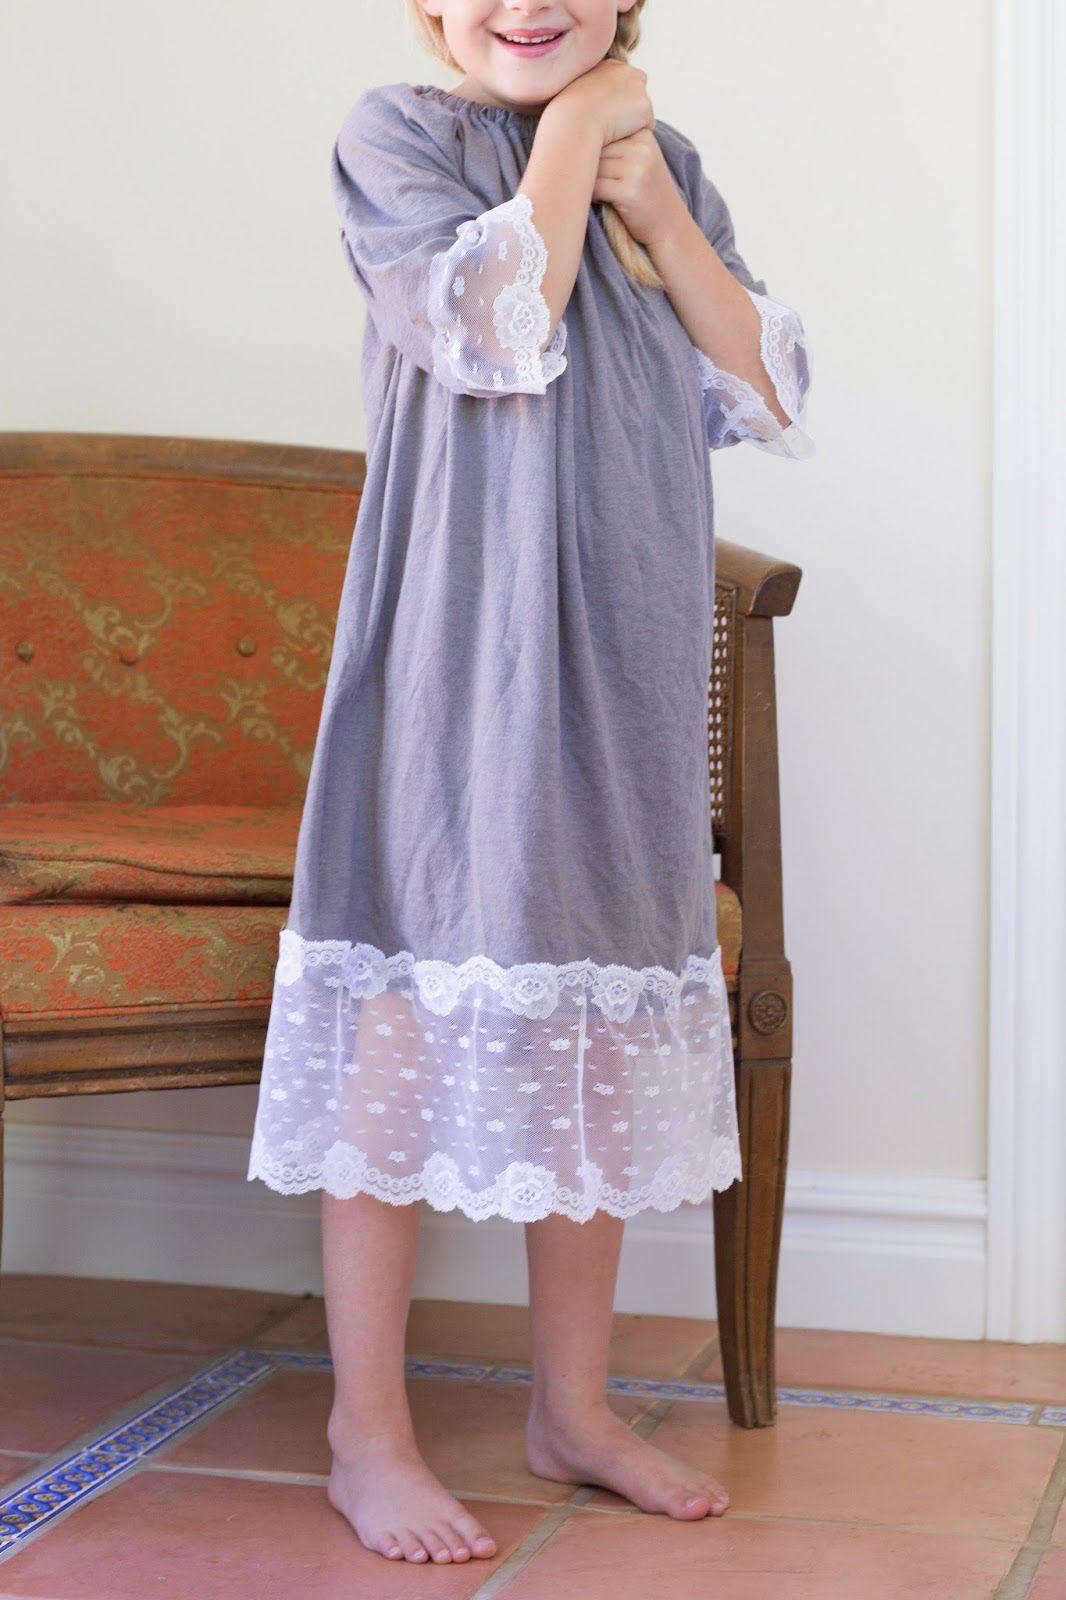 DIY: The 4 Squares Nightgown | Pinterest | Nachthemden, Square und Nähen